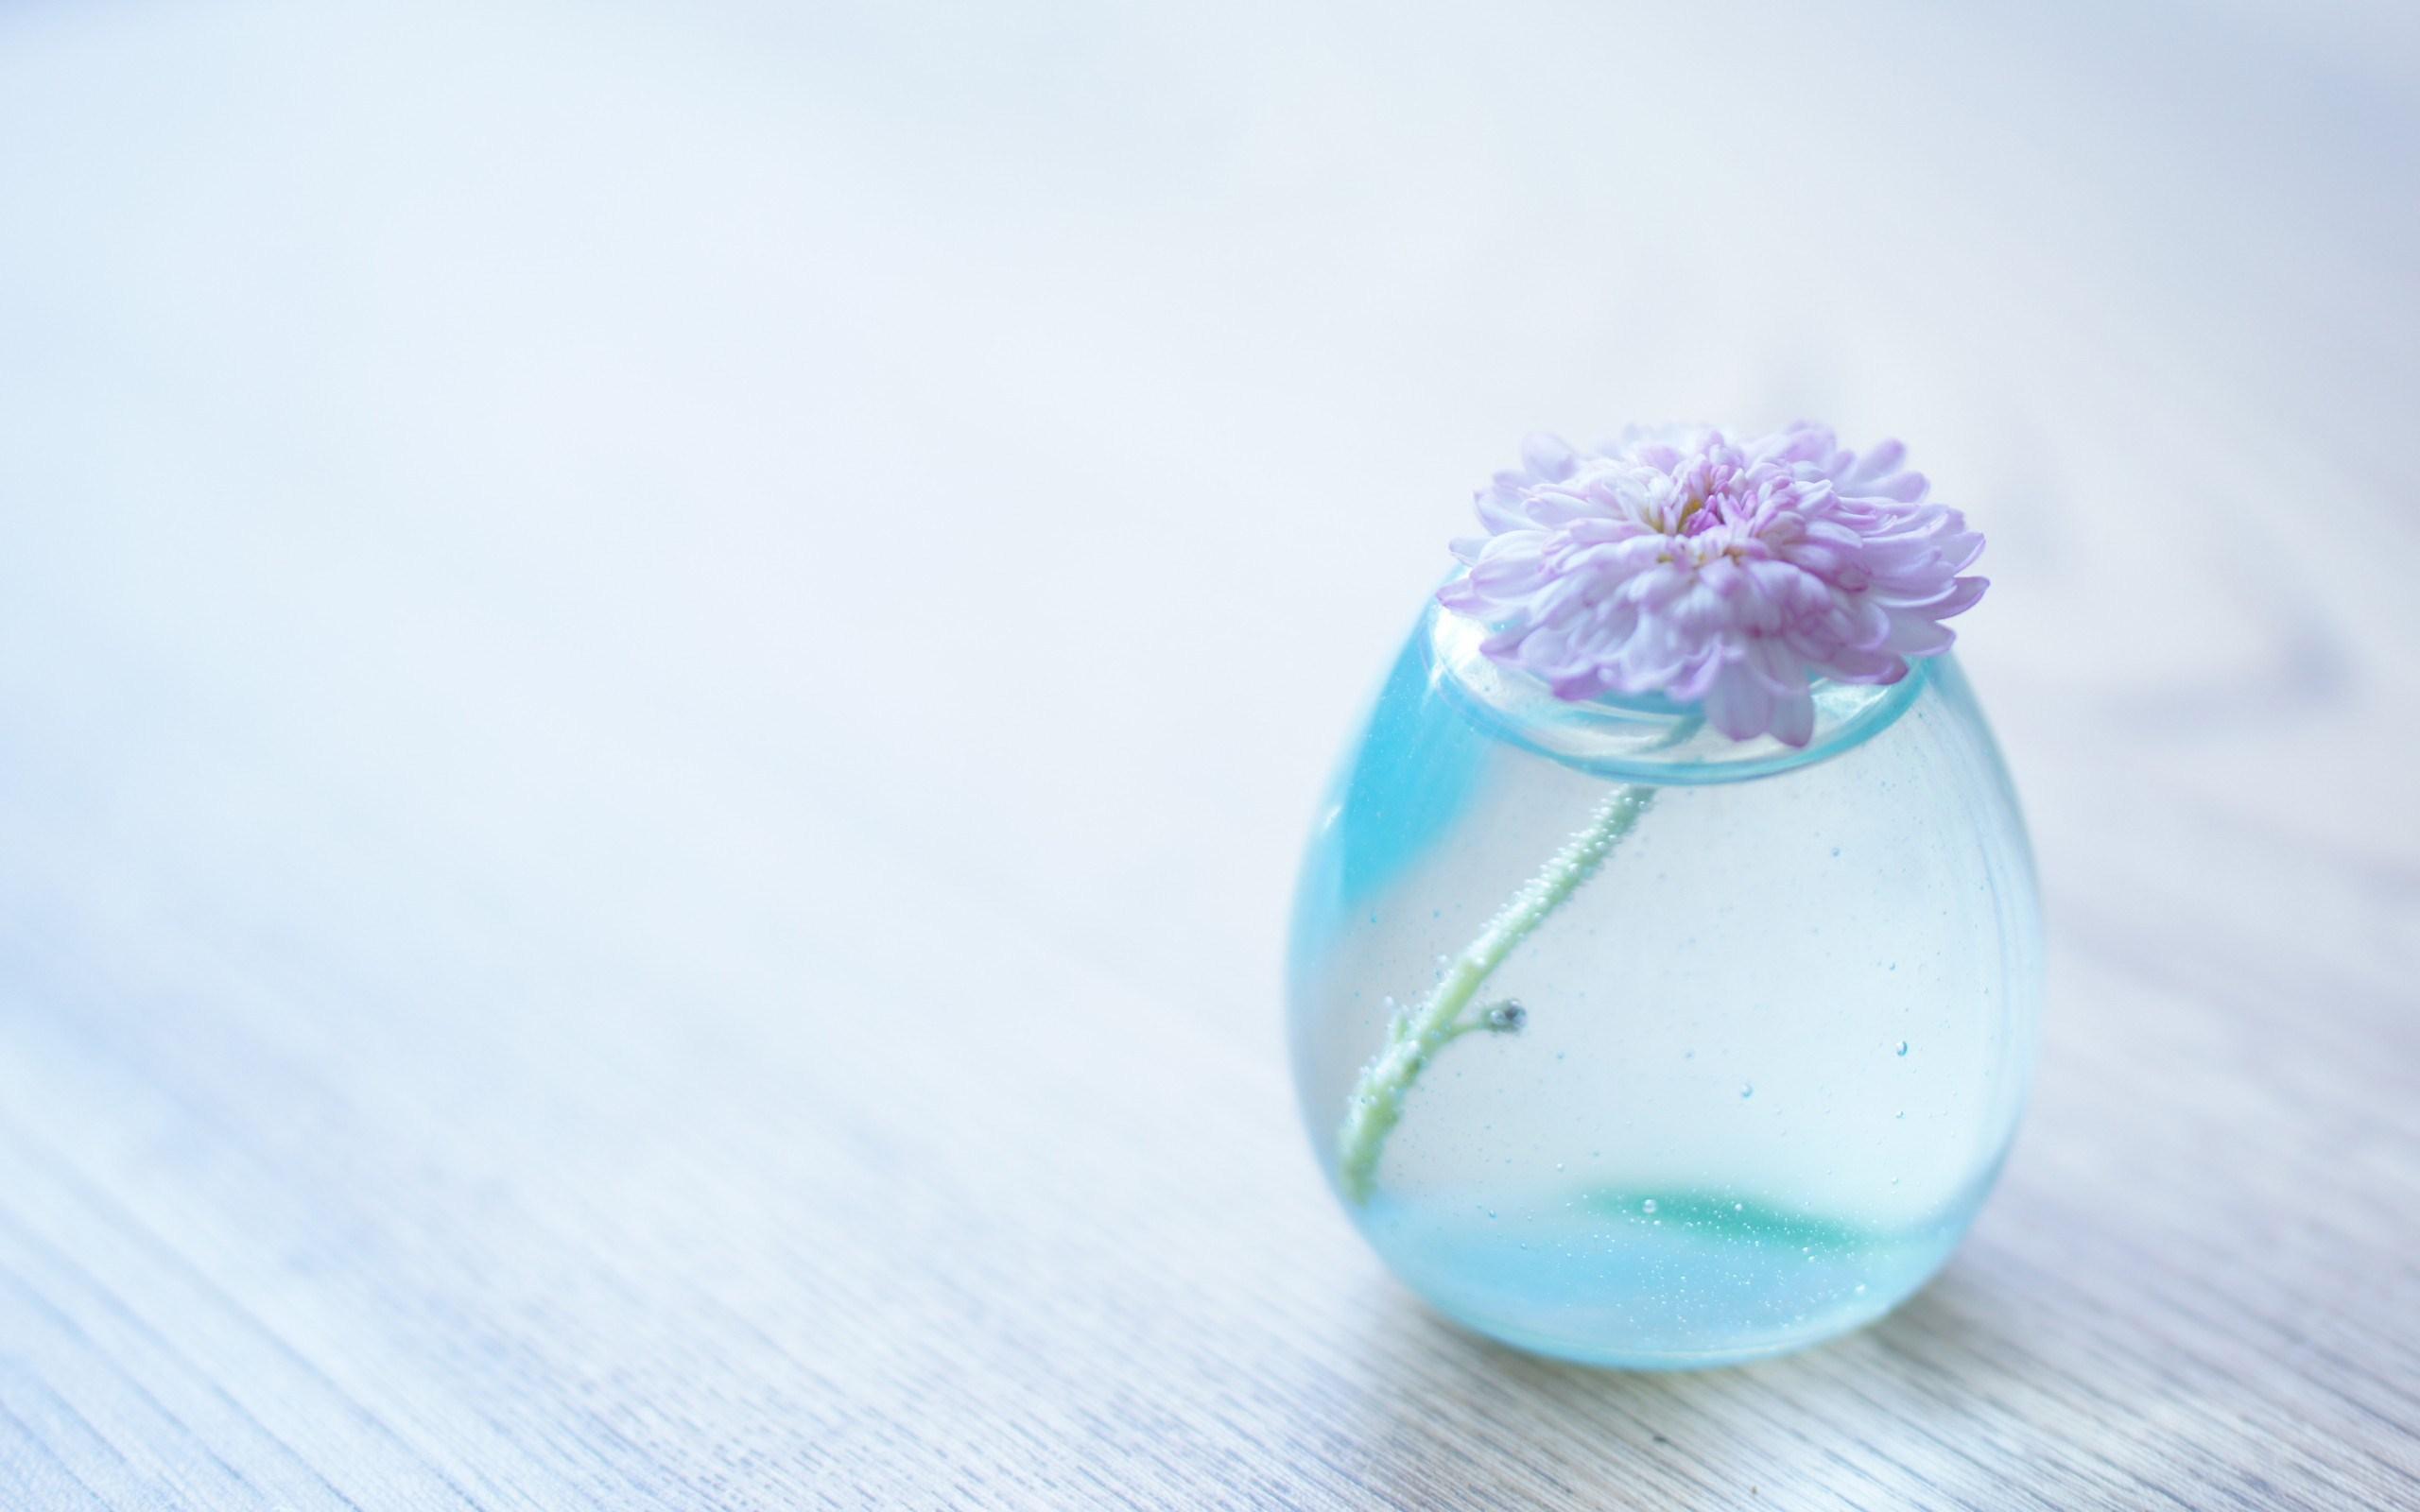 free water flower wallpaper